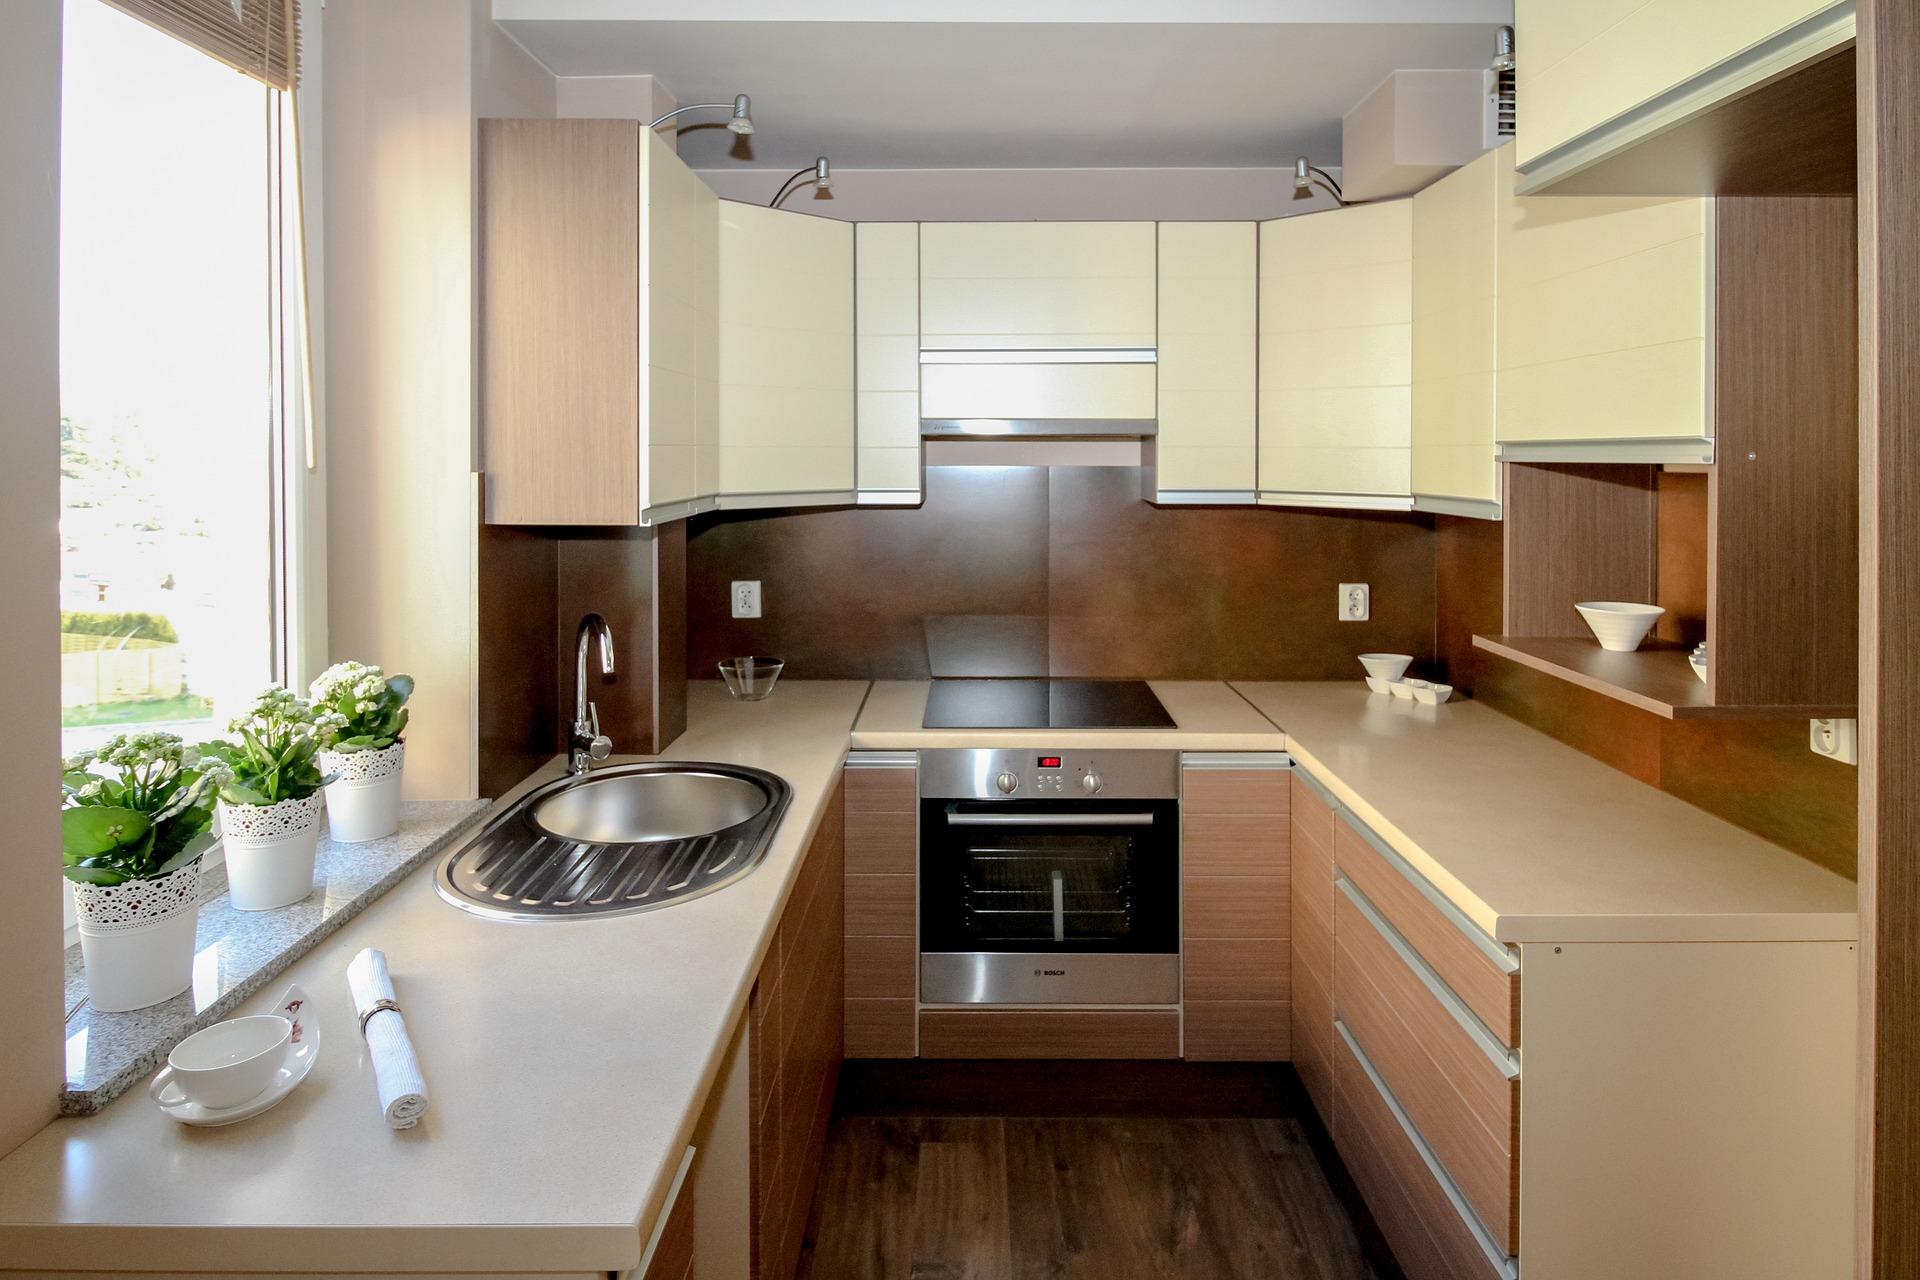 хобби дизайн девятиметровых кухонь фото это